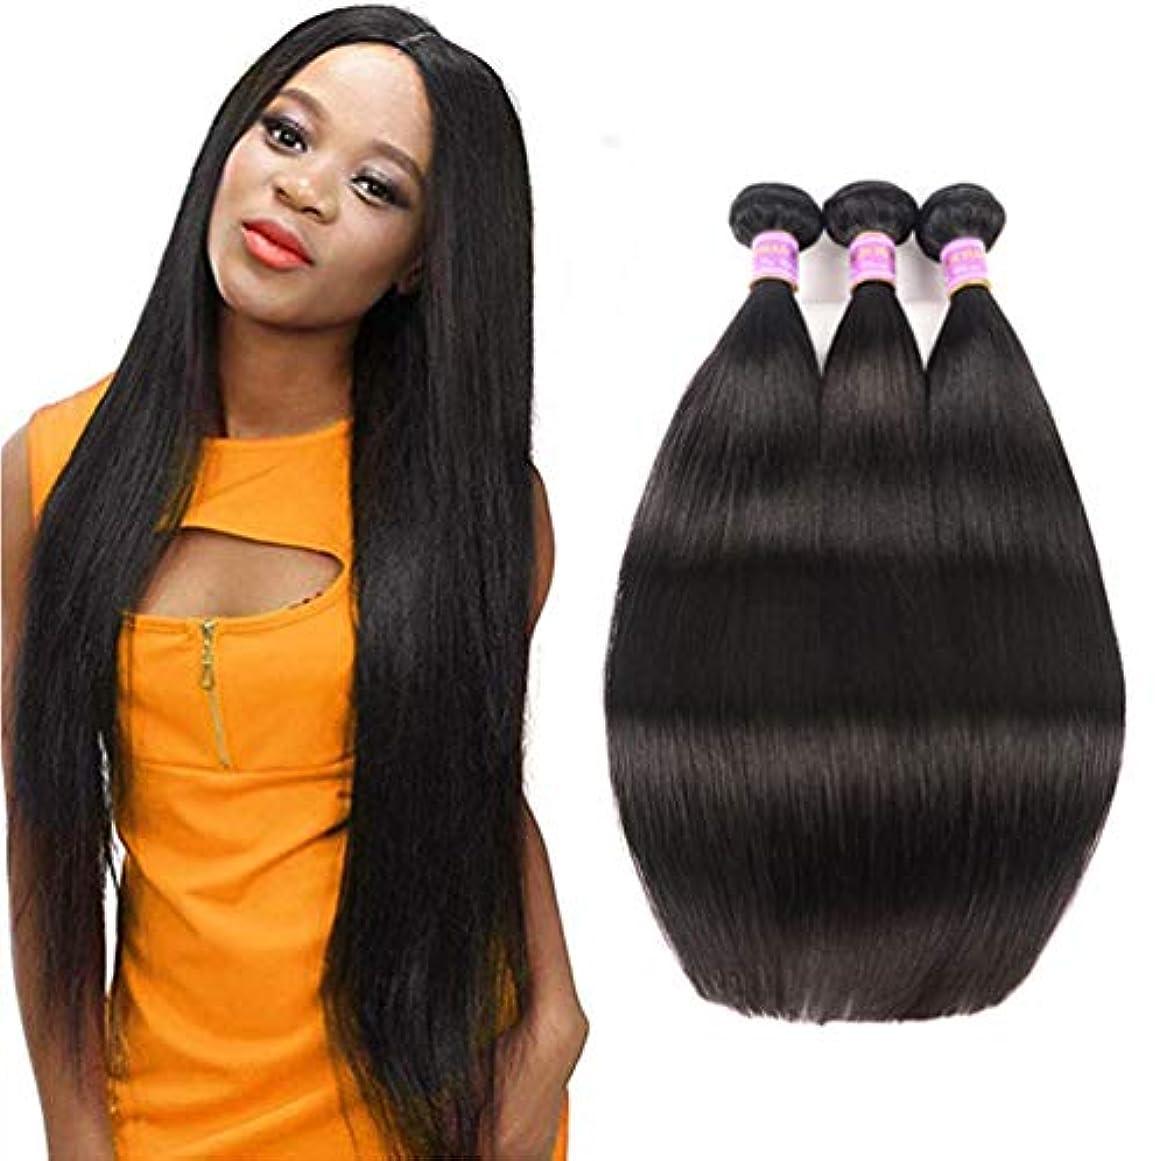 大洪水切り下げ誤解させるブラジルのまっすぐな人間の毛髪3の束の絹のようなまっすぐなバージンの人間の毛髪の織り方延長自然な300g